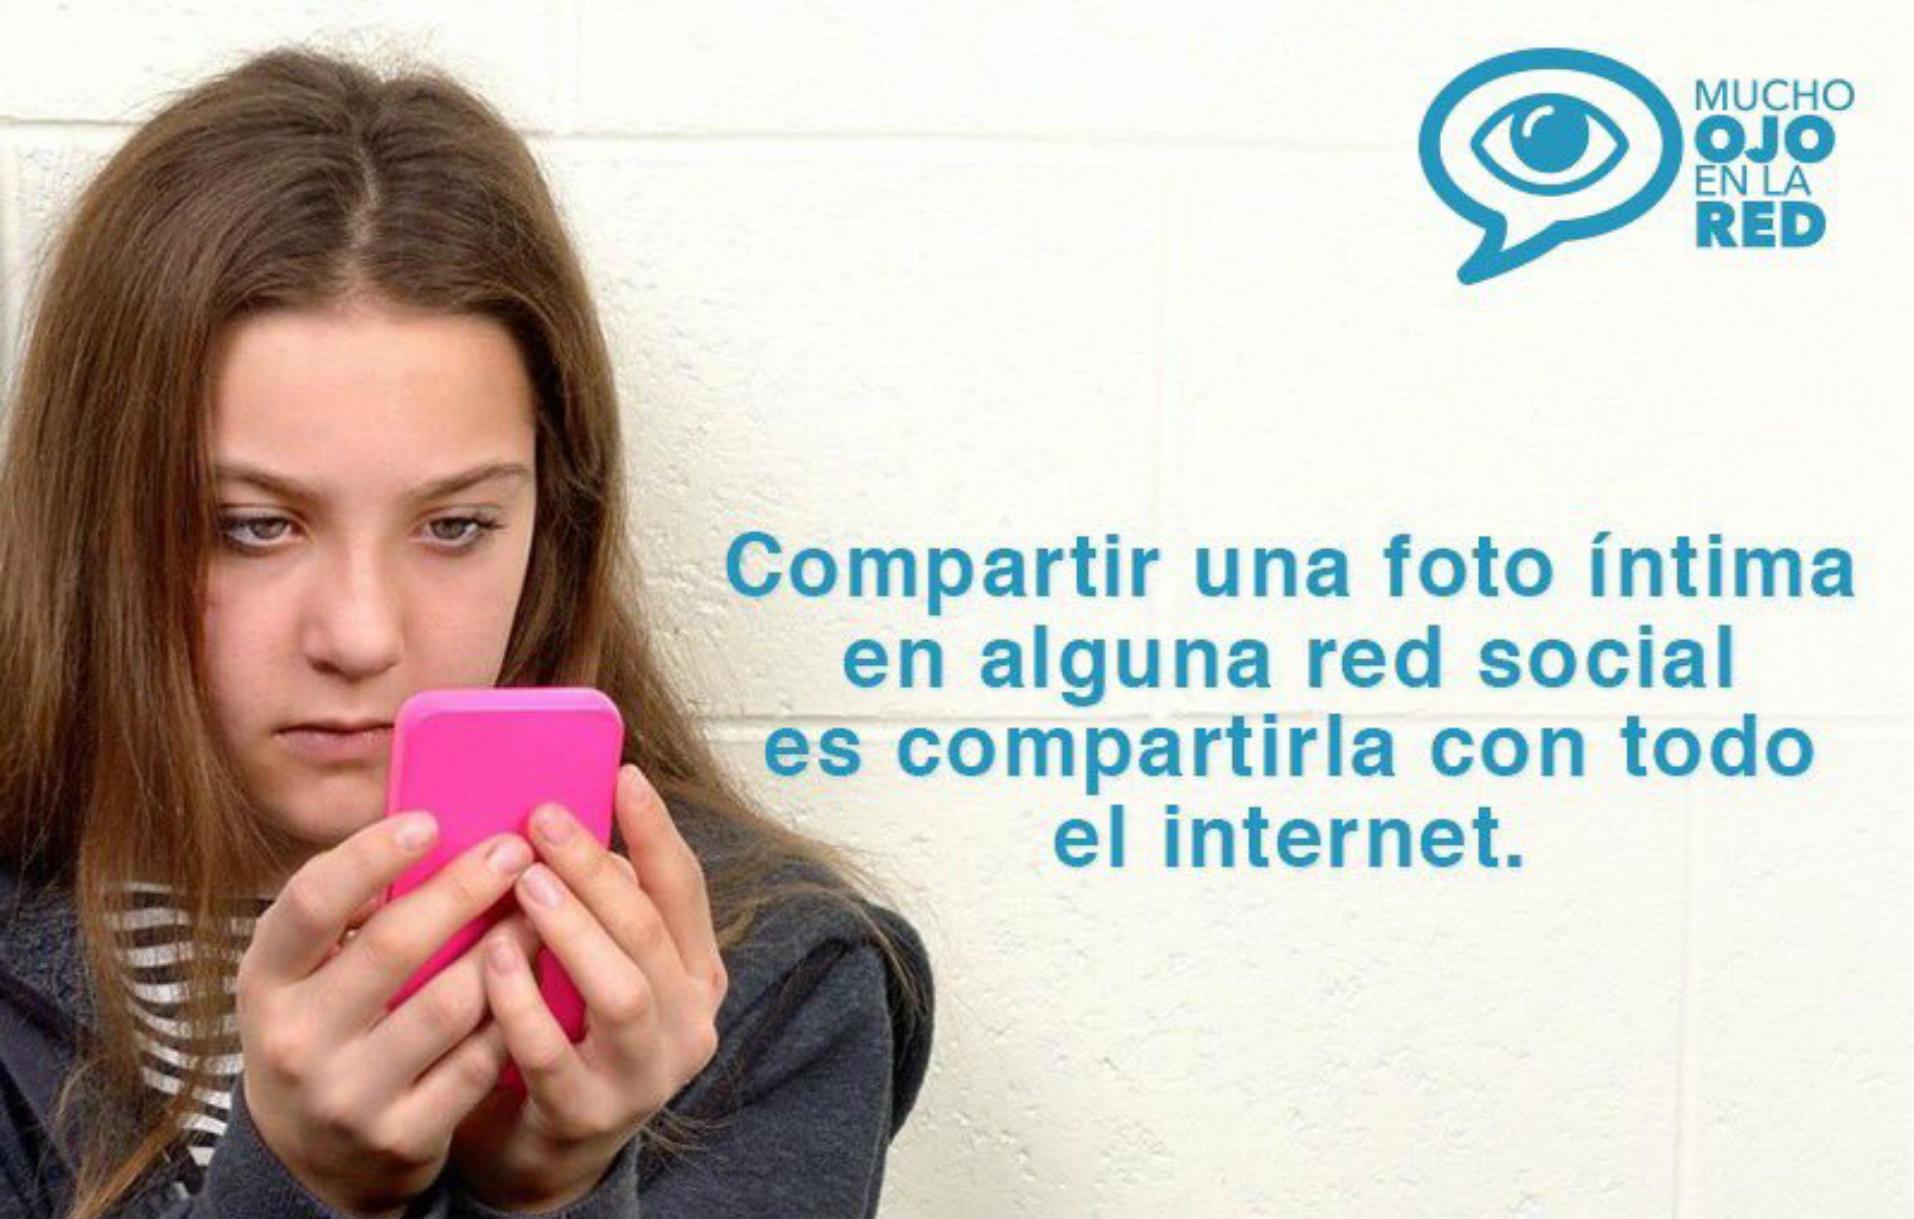 """Organizaciones pedimos a Fundación Televisa poner """"mucho ojo"""" en su campaña sobre el sexting"""